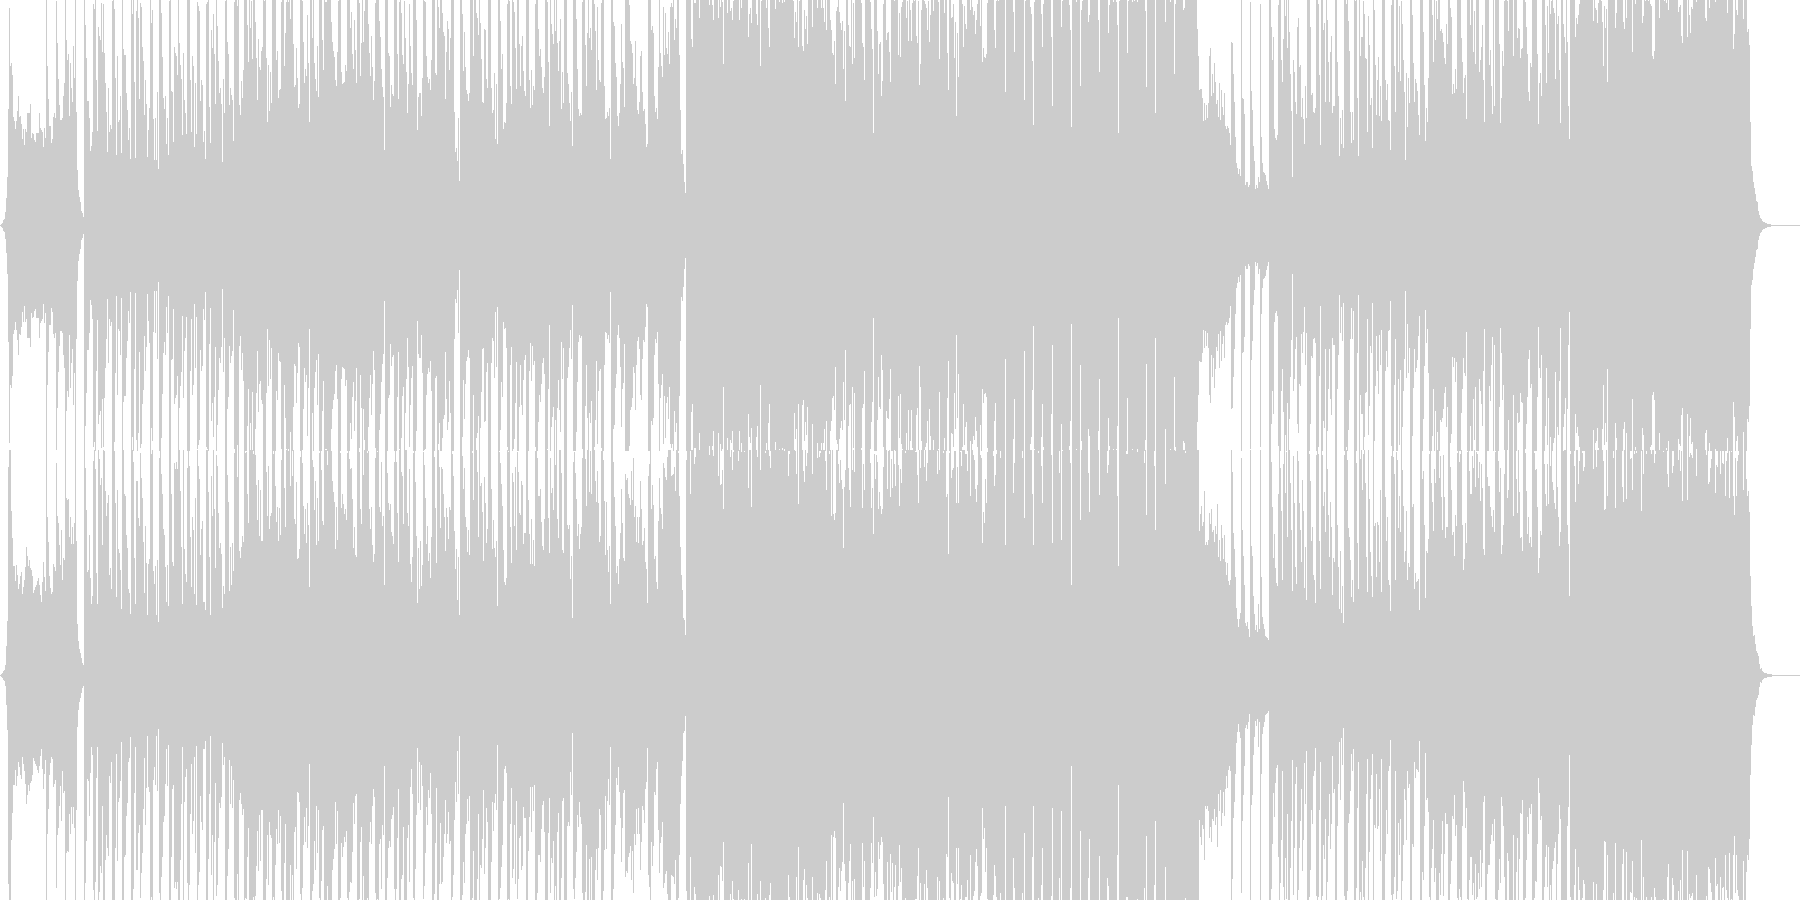 ベートーベン第九よりヒップホップ版の未再生の波形